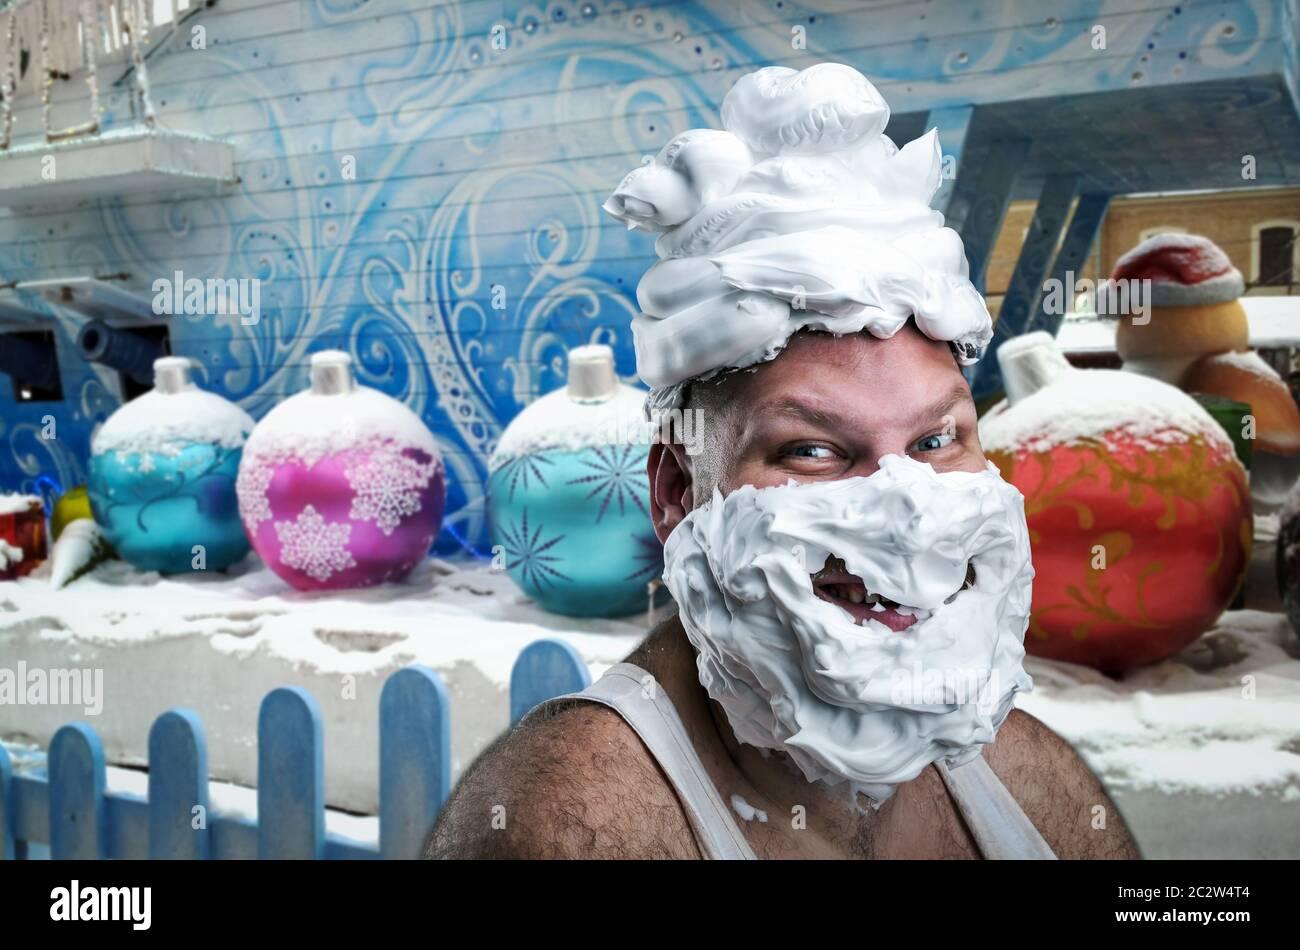 Extraño hombre sonriente con espuma de afeitar en su rostro y en su cabeza durante el invierno antecedentes Foto de stock